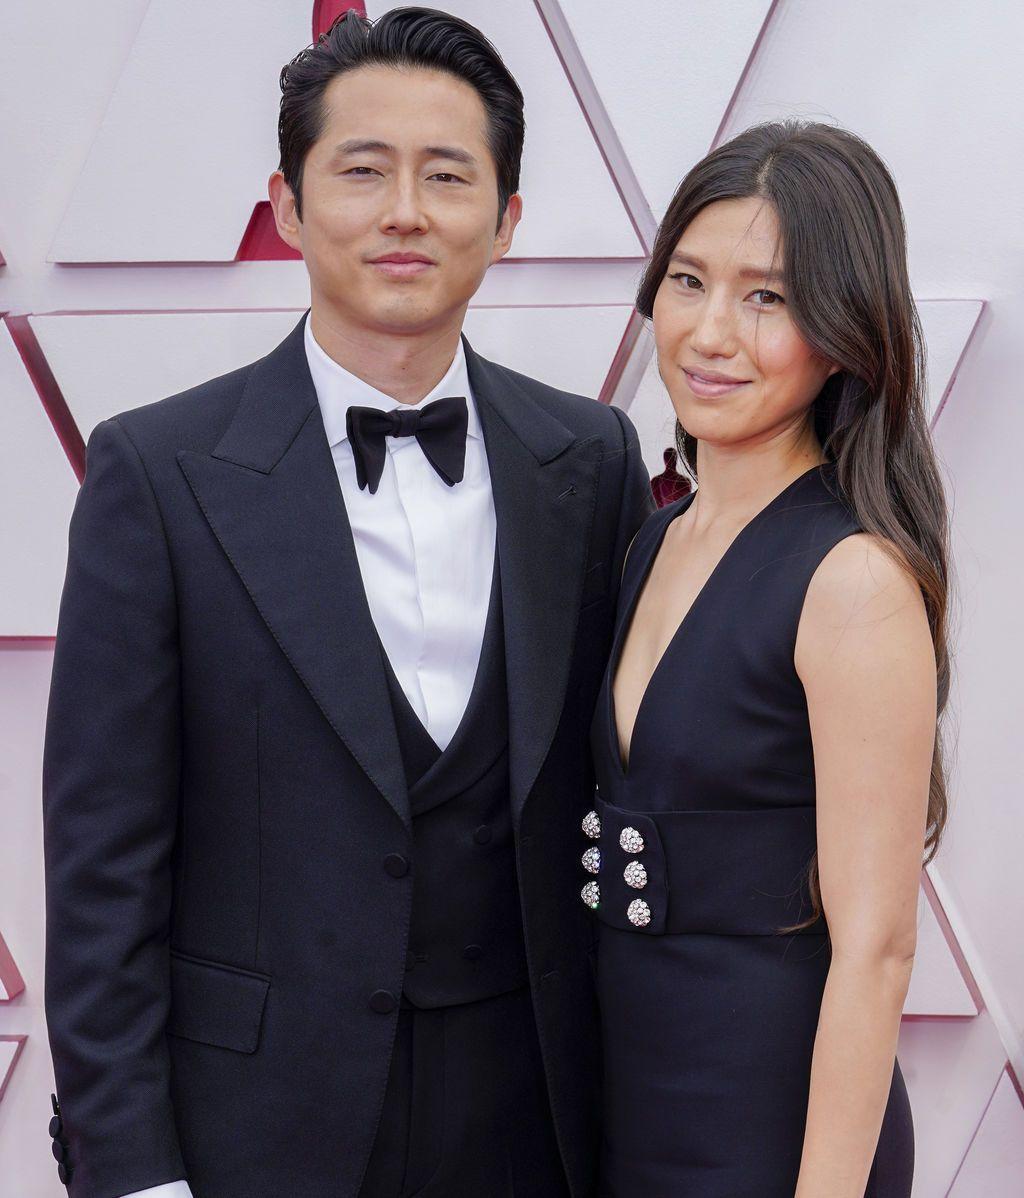 Steven Yeun y Joana Pak desfilan  en la alfombra roja de Union Station, la estación de autobuses de Los Ángeles, una de las sedes donde tiene lugar la gala de los Premios Oscars 2021